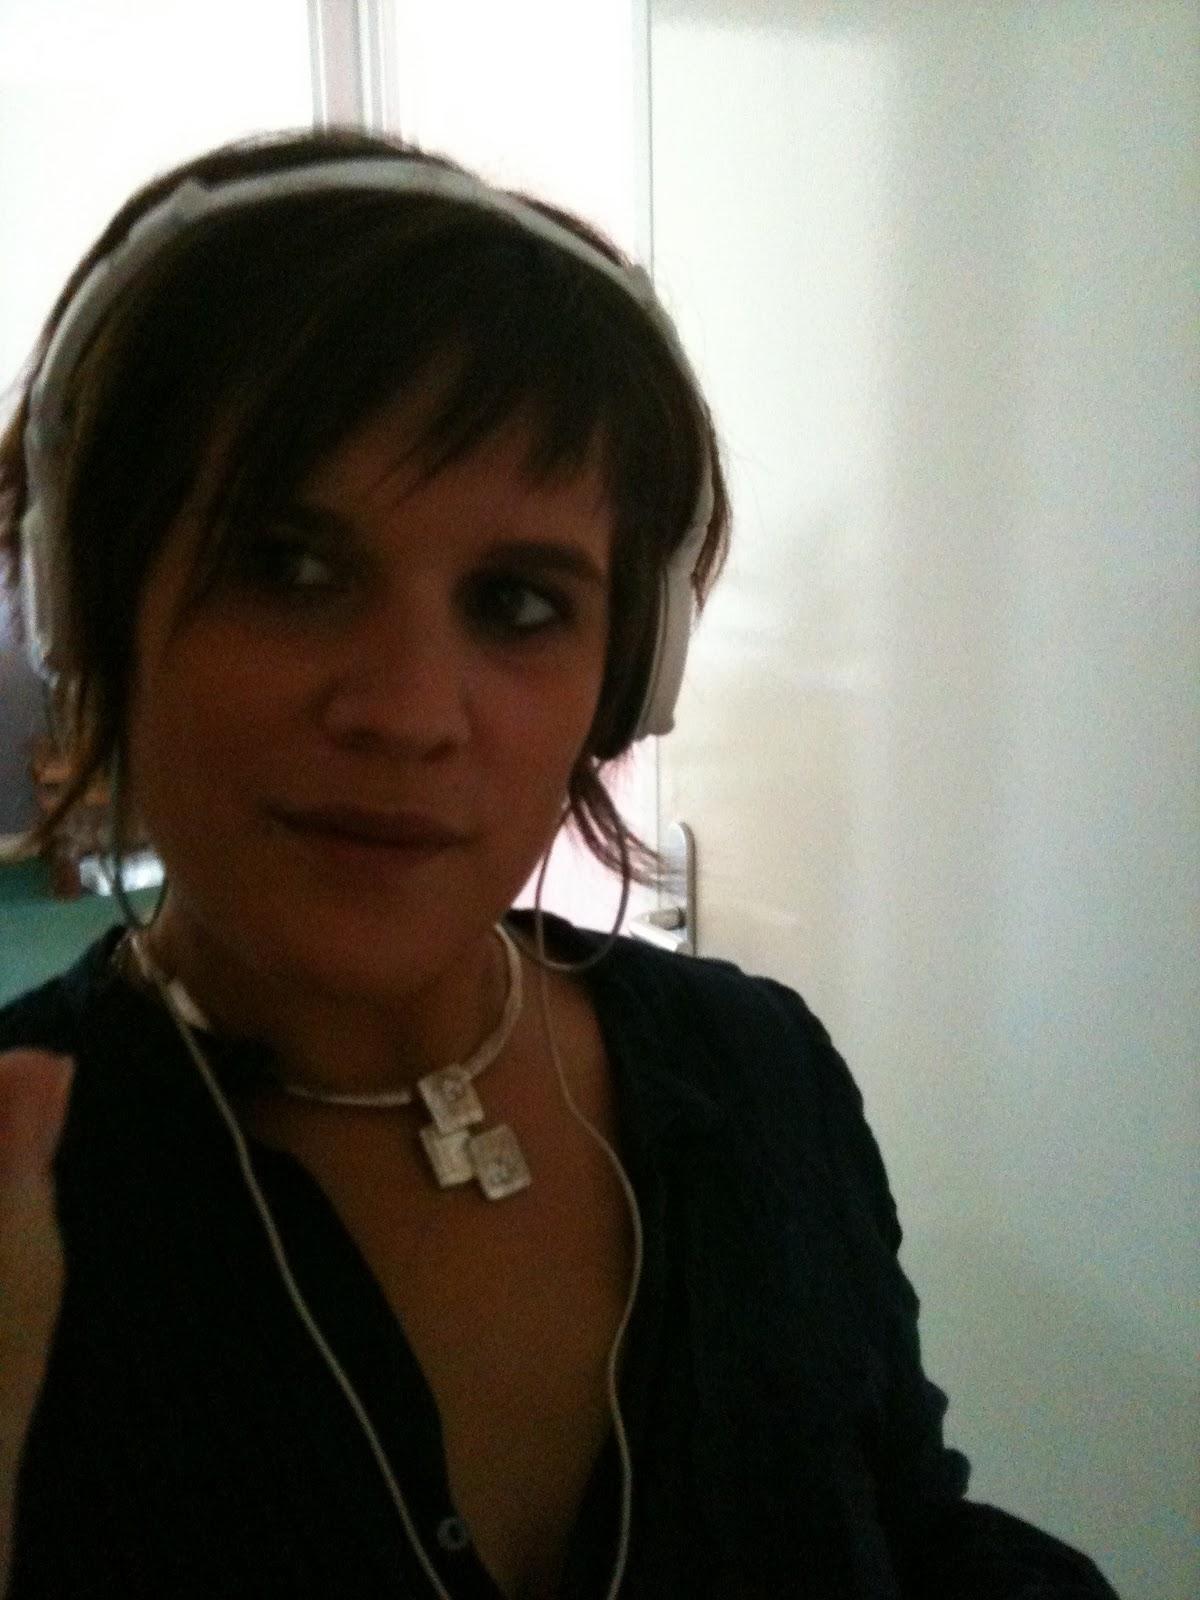 http://2.bp.blogspot.com/_jh9_6iKj-NM/TLR6bdG5iyI/AAAAAAAAABY/SgR0vs_QY58/s1600/IMG_0256.jpg